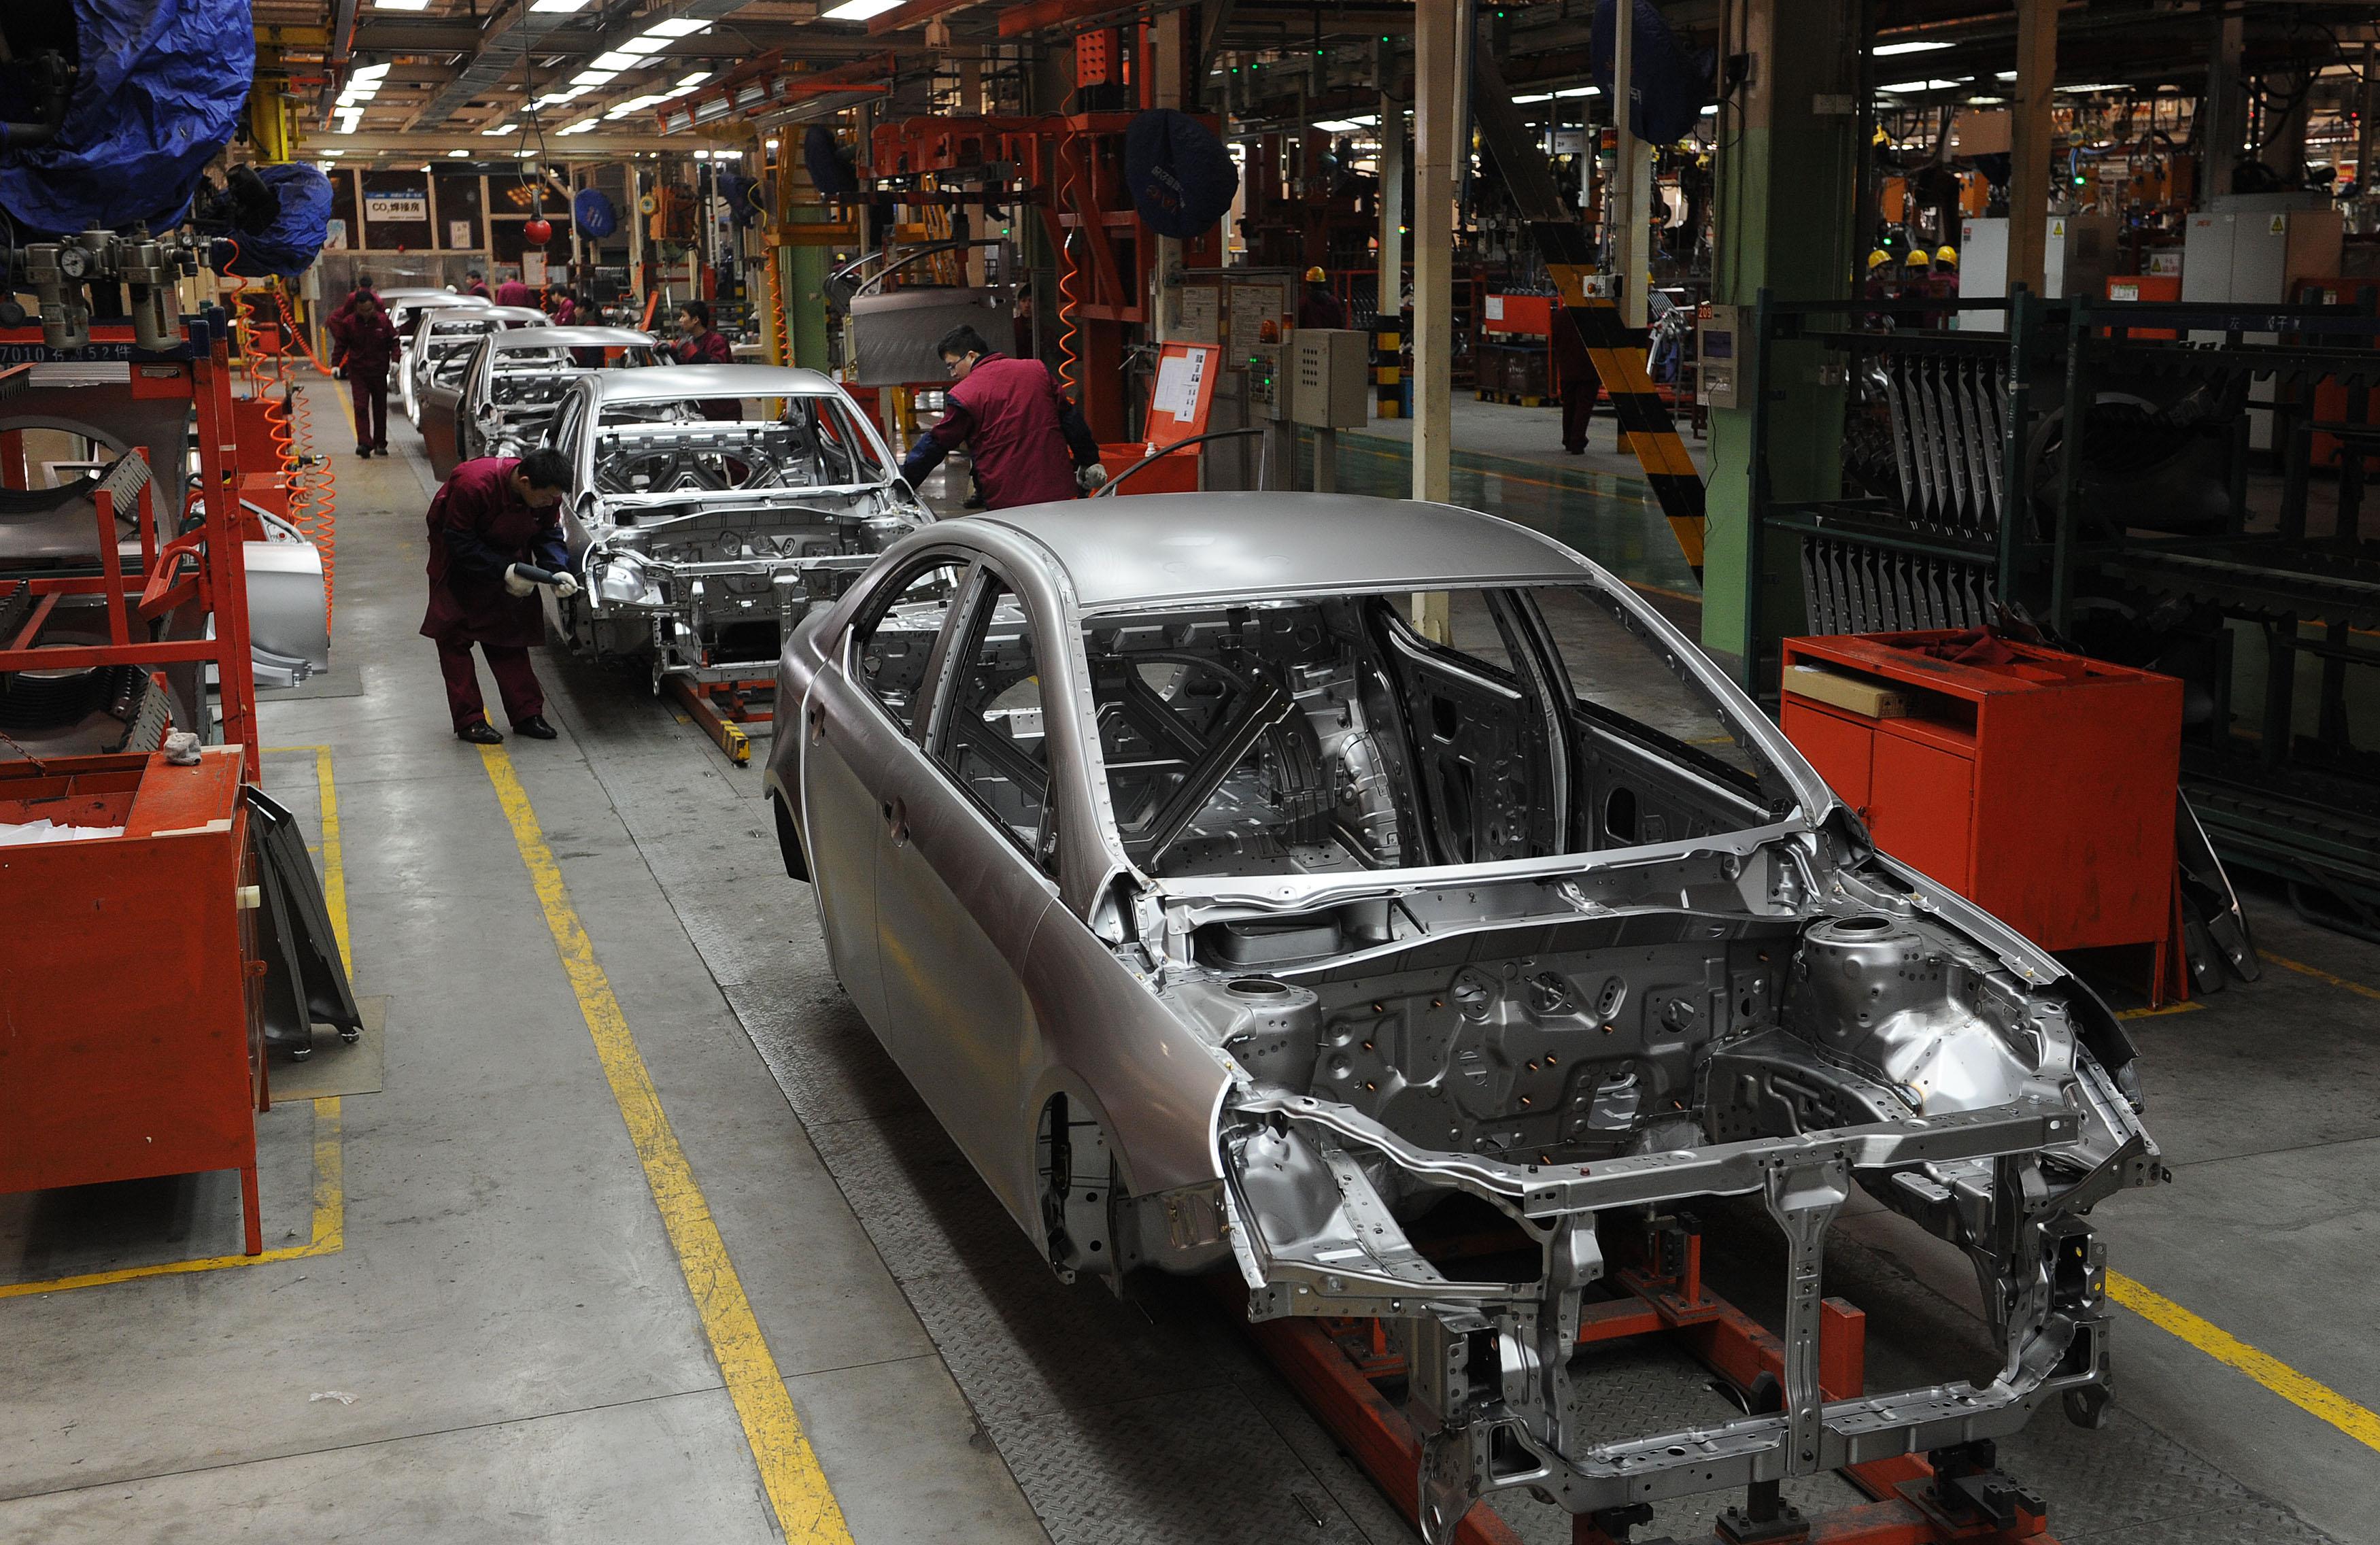 大陸車市持續下滑,多地鬆綁限購,押注「金九銀十」。圖為中國汽車工廠。(STR/AFP)